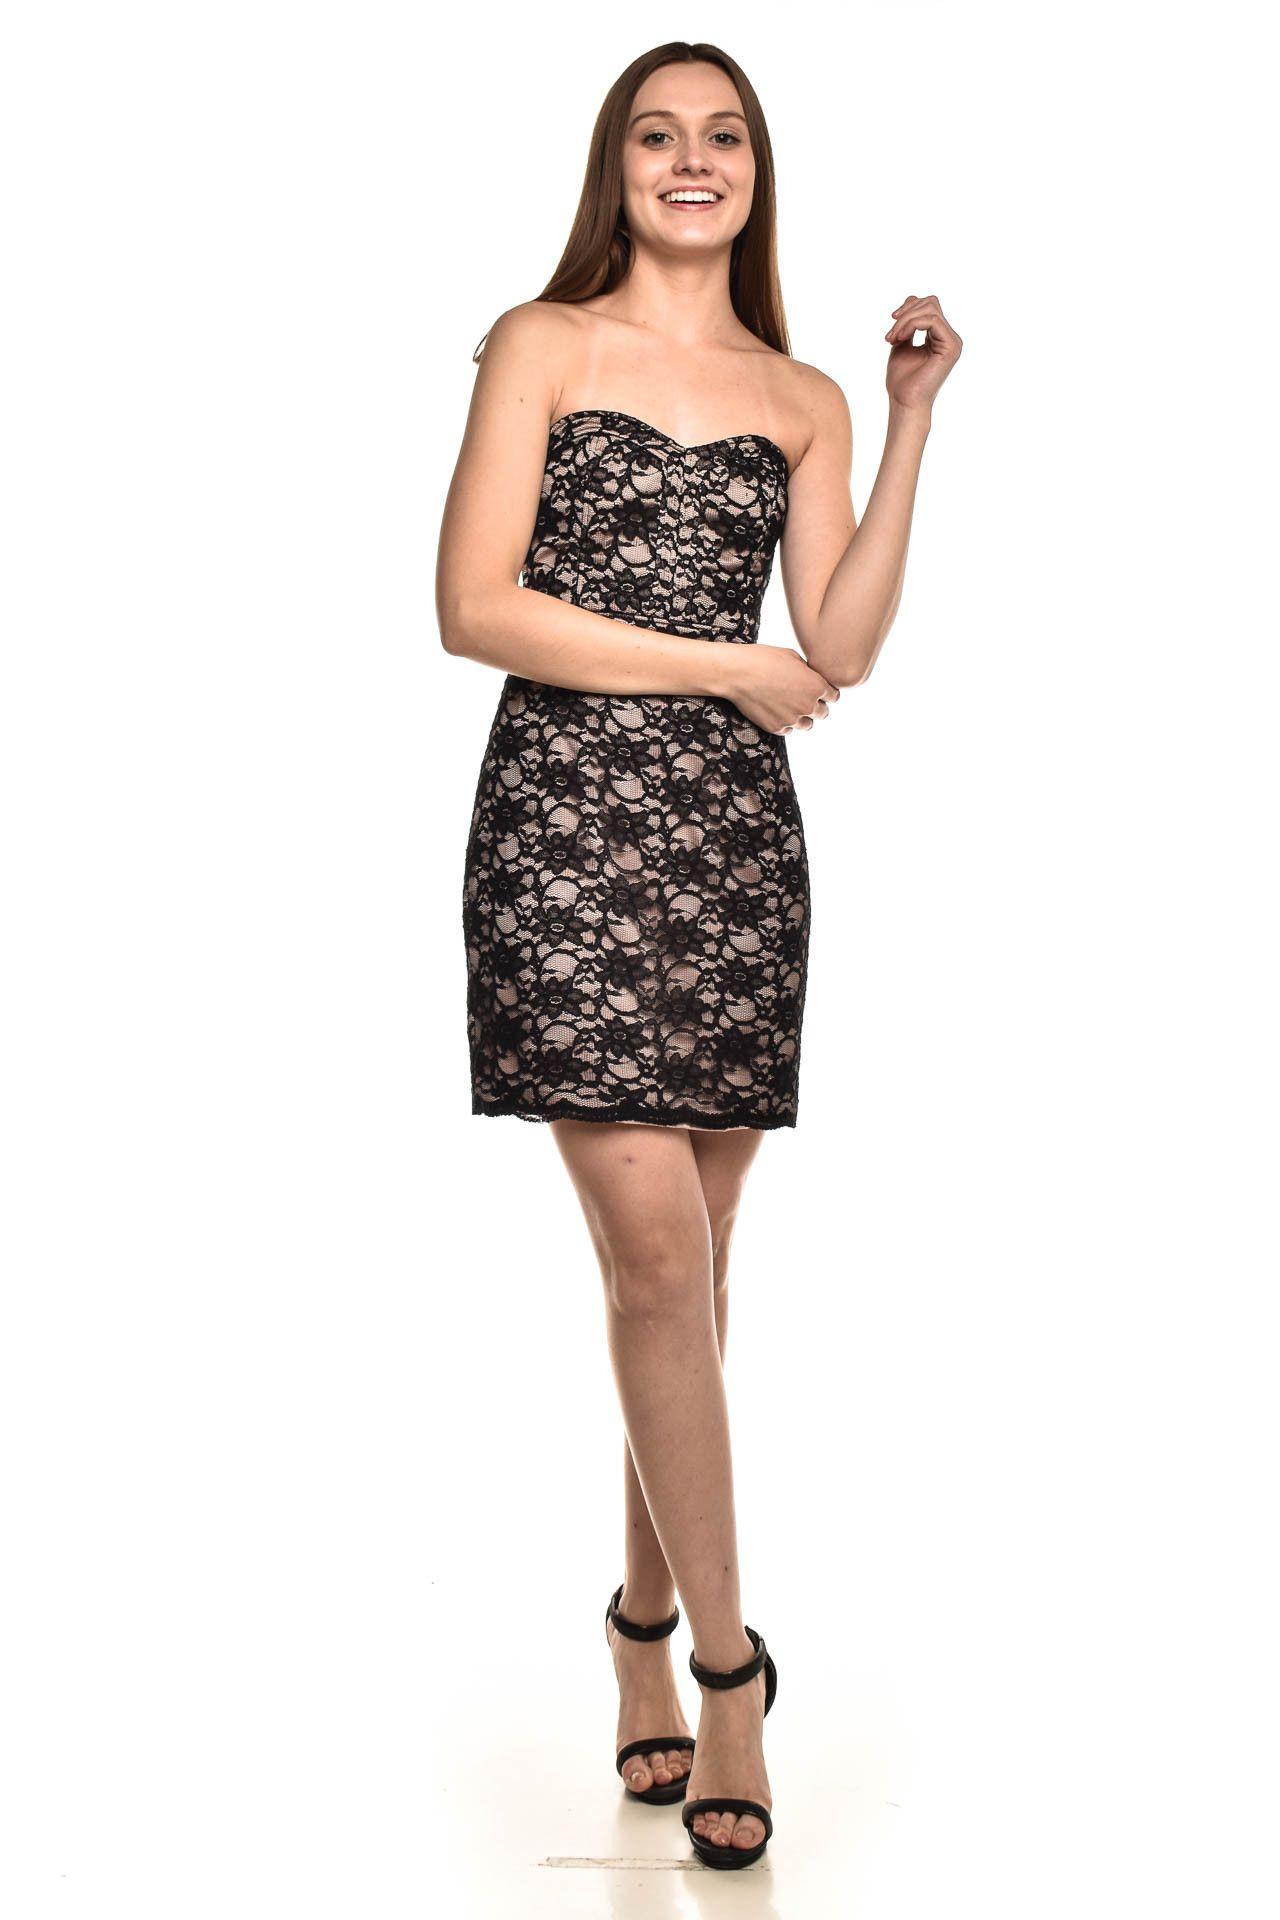 Carina Duek - Vestido Renda Chic - Foto 3